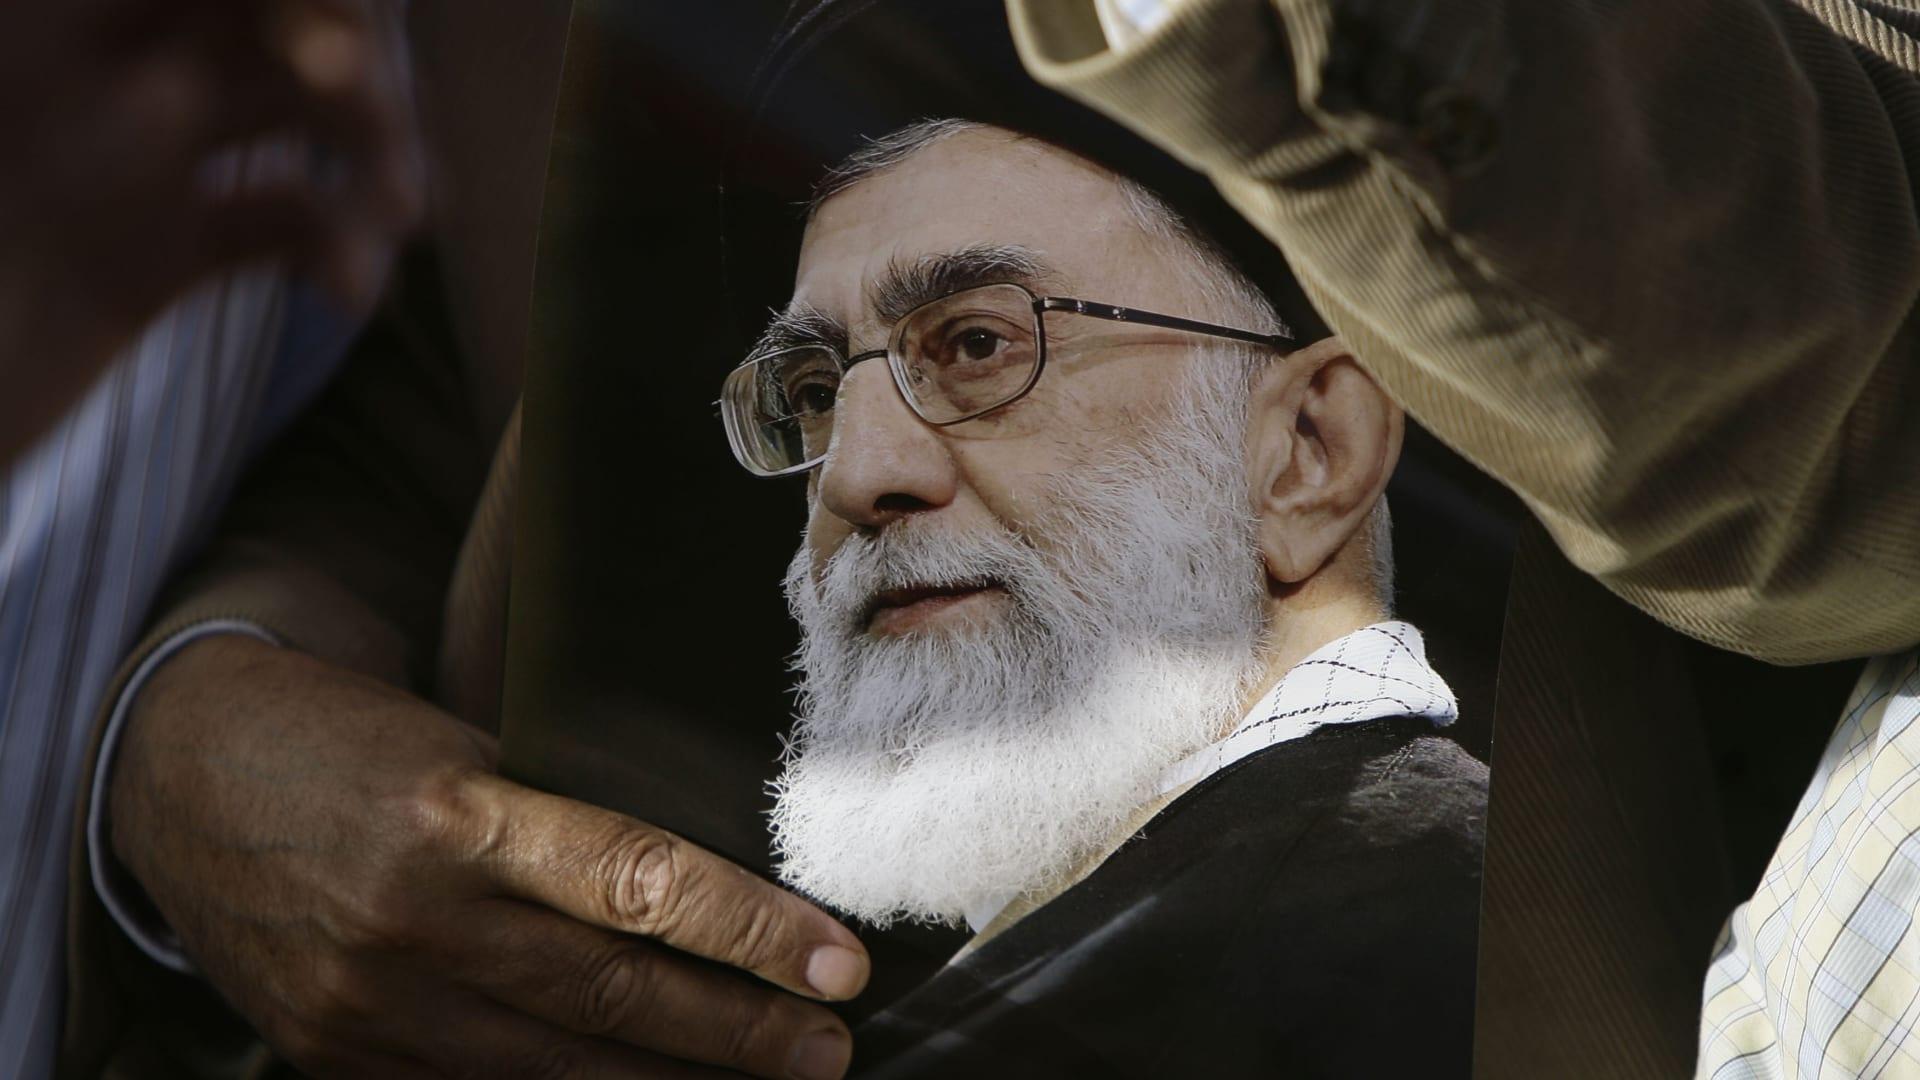 خامنئي: السعودية مسؤولة عن أمن الحج وأدعو الإيرانيين لتجنب التسوق